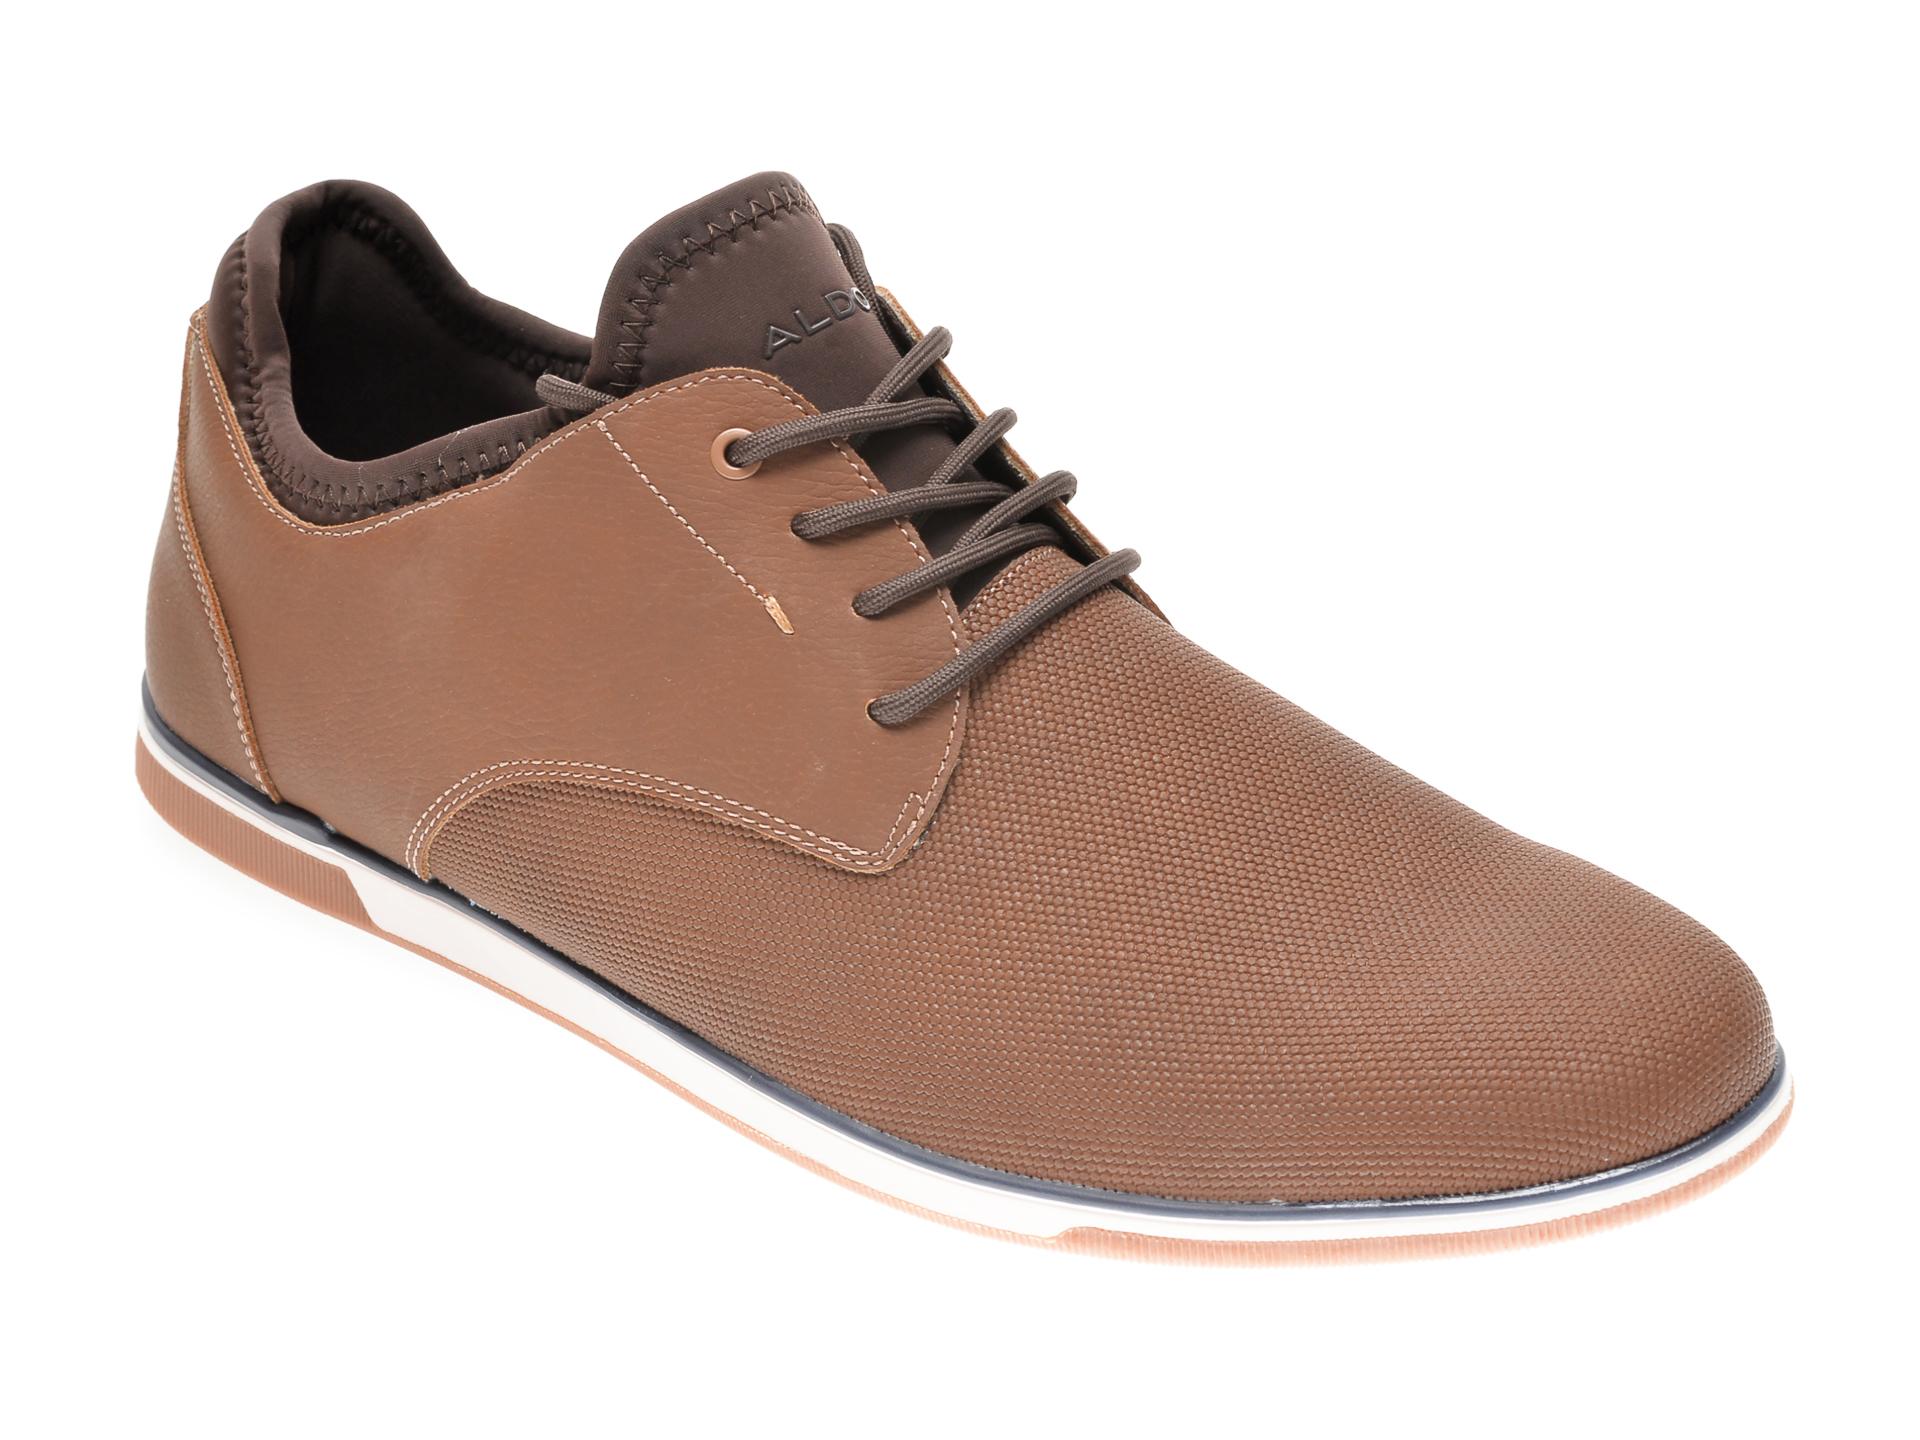 Pantofi ALDO maro, Reid220, din piele ecologica imagine